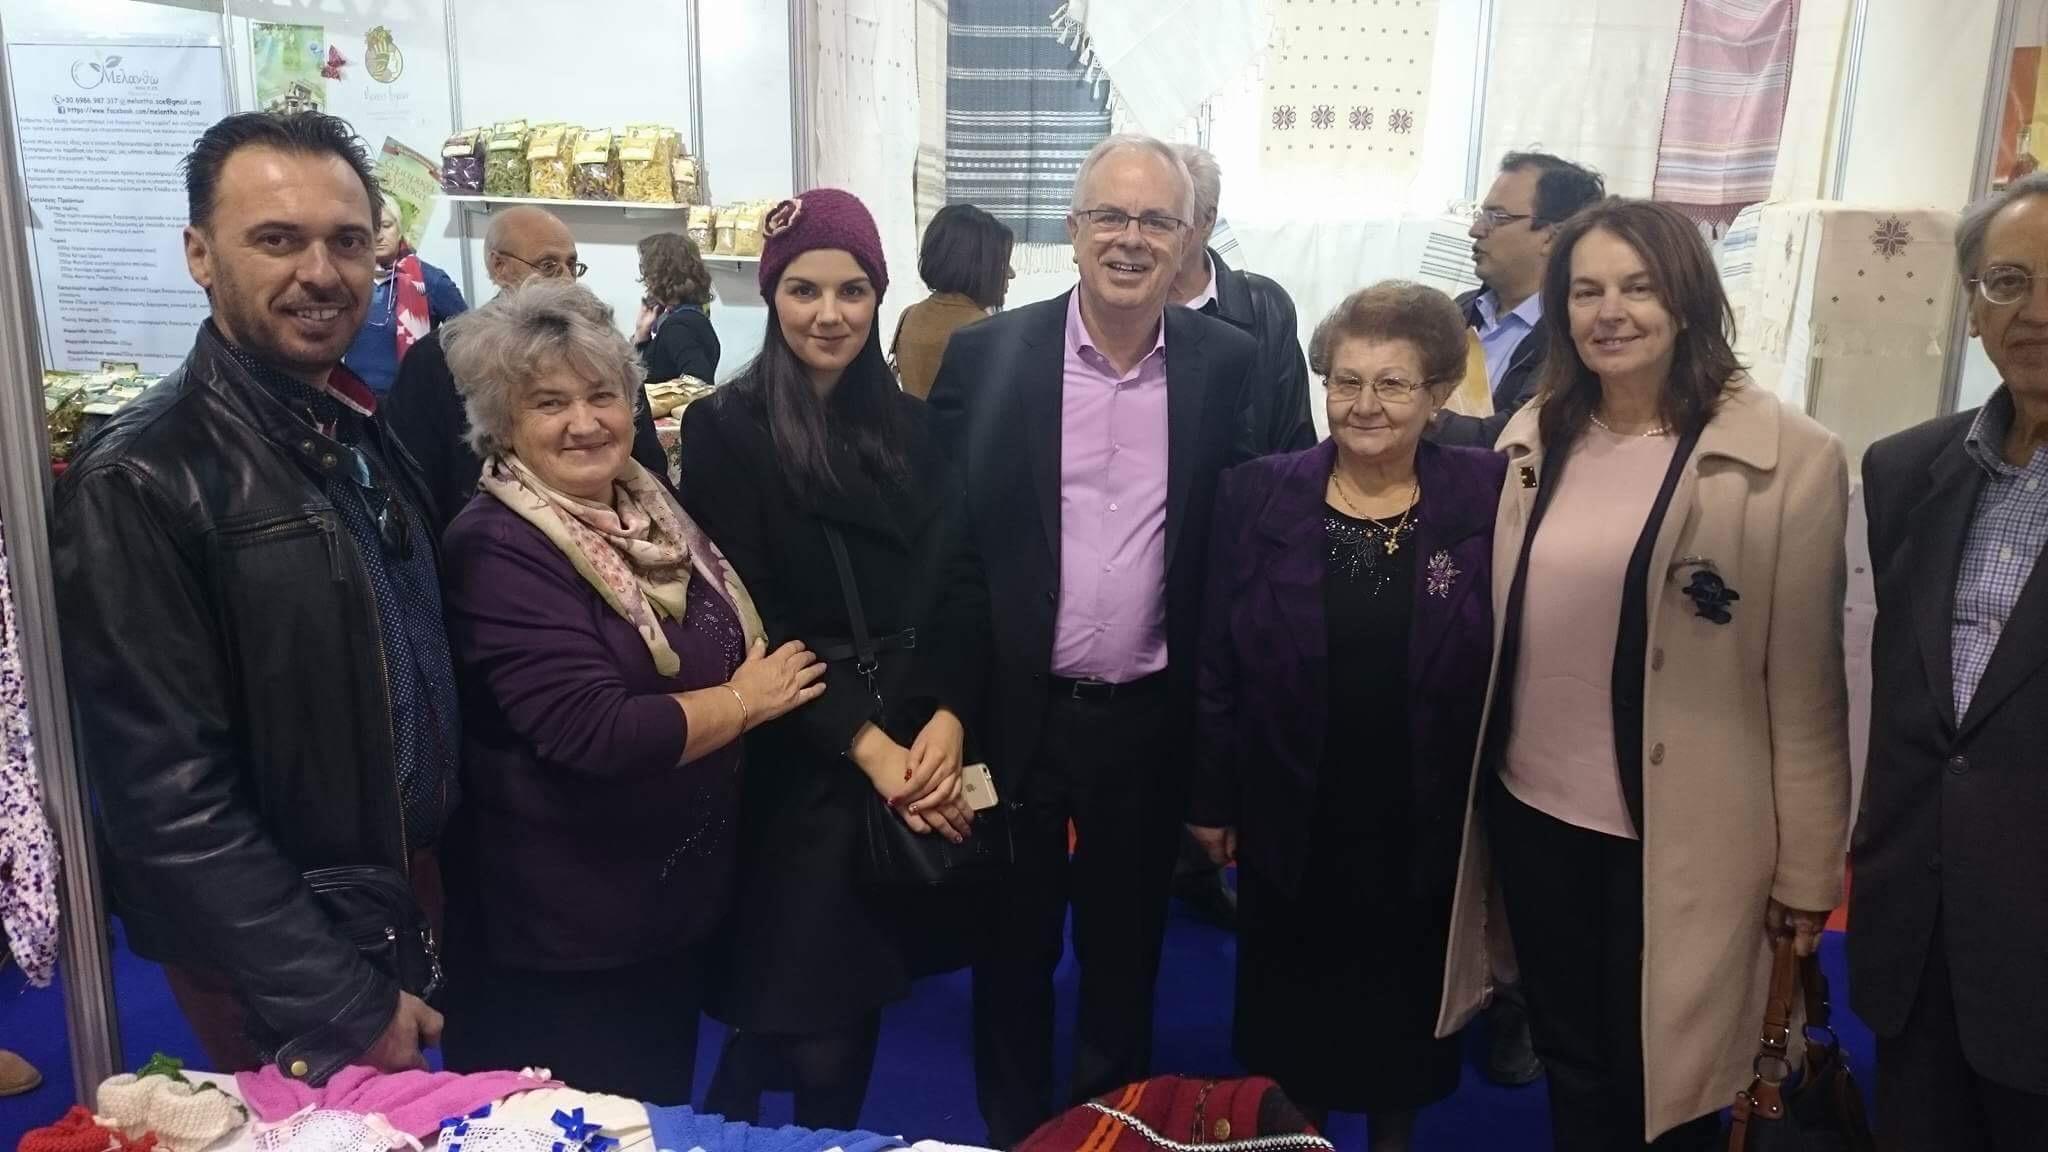 Οι γυναικείοι συνεταιρισμοί της Περιφέρειας Δυτικής Μακεδονίας σε εκδήλωση στο Στάδιο Ειρήνης και Φιλίας